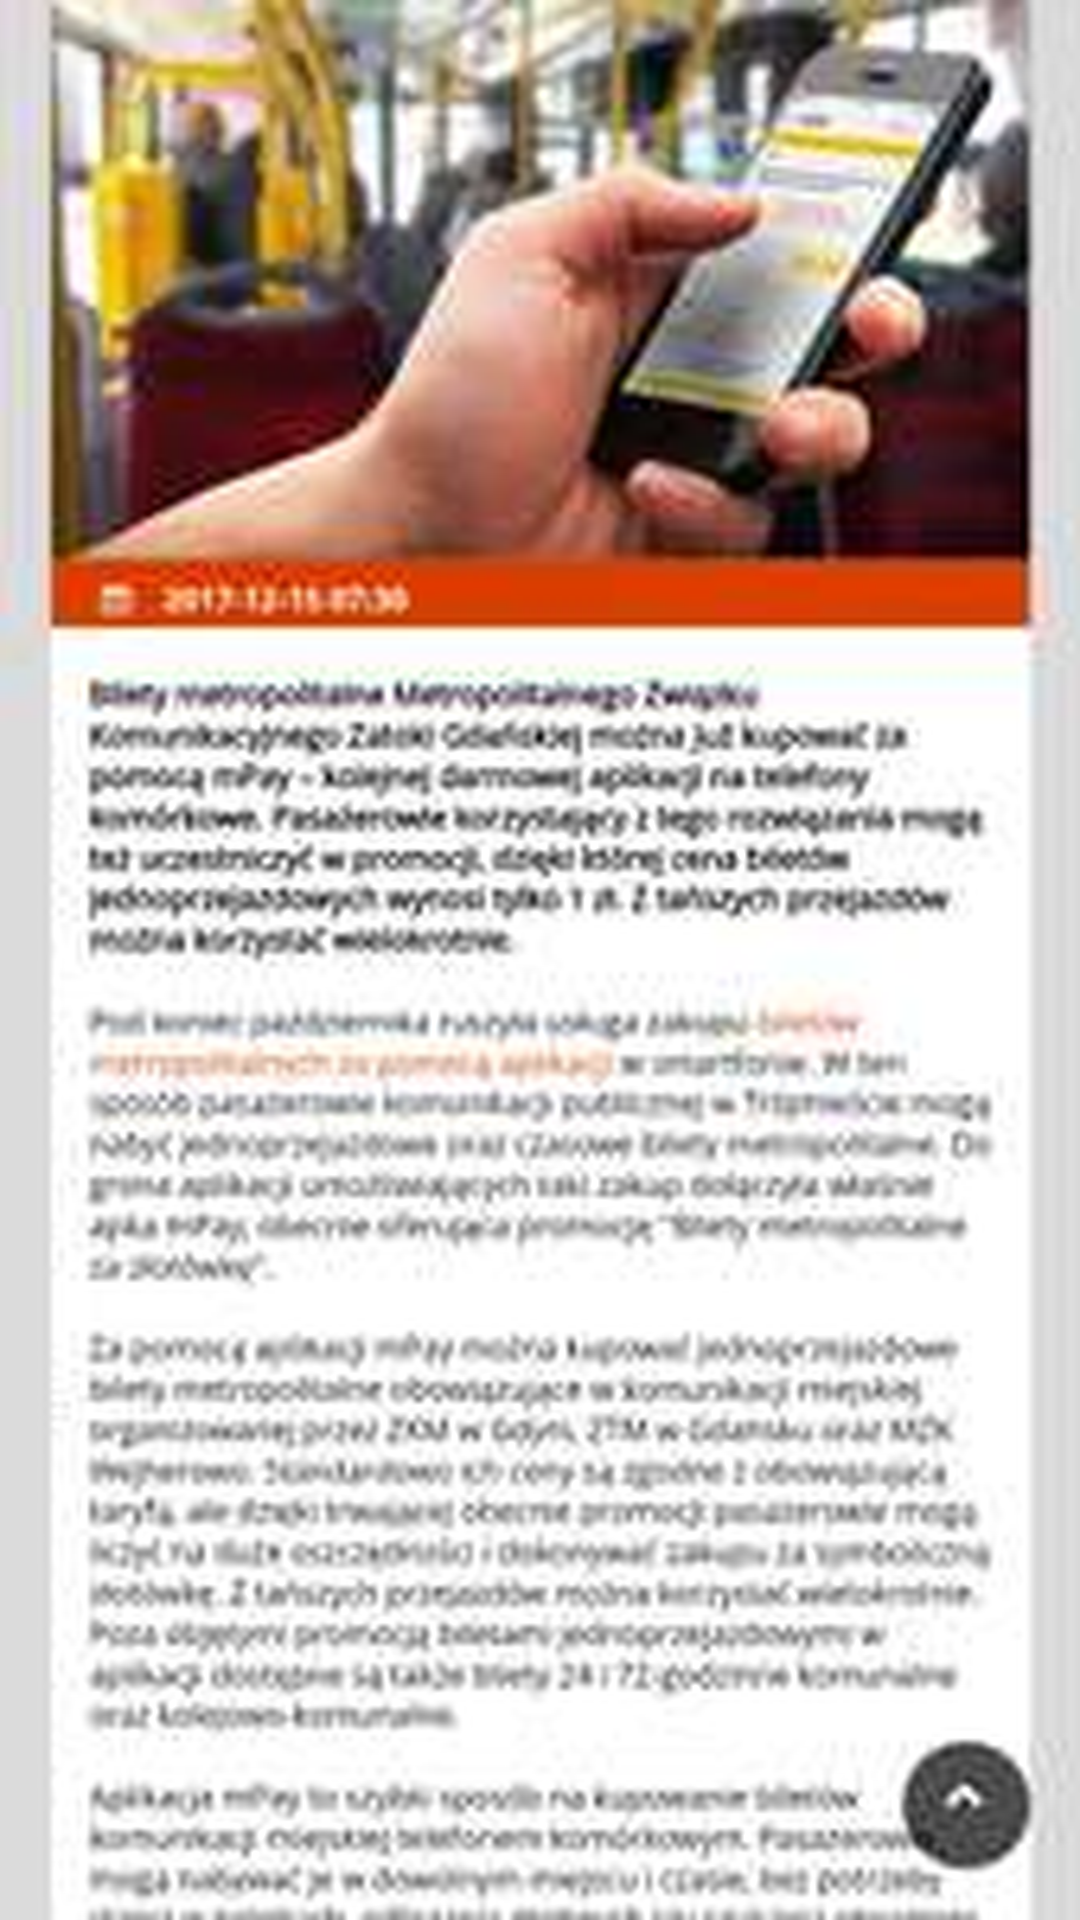 Bilety metropolitalne na terenie Trójmiasta za 1 zł z aplikacją mpay